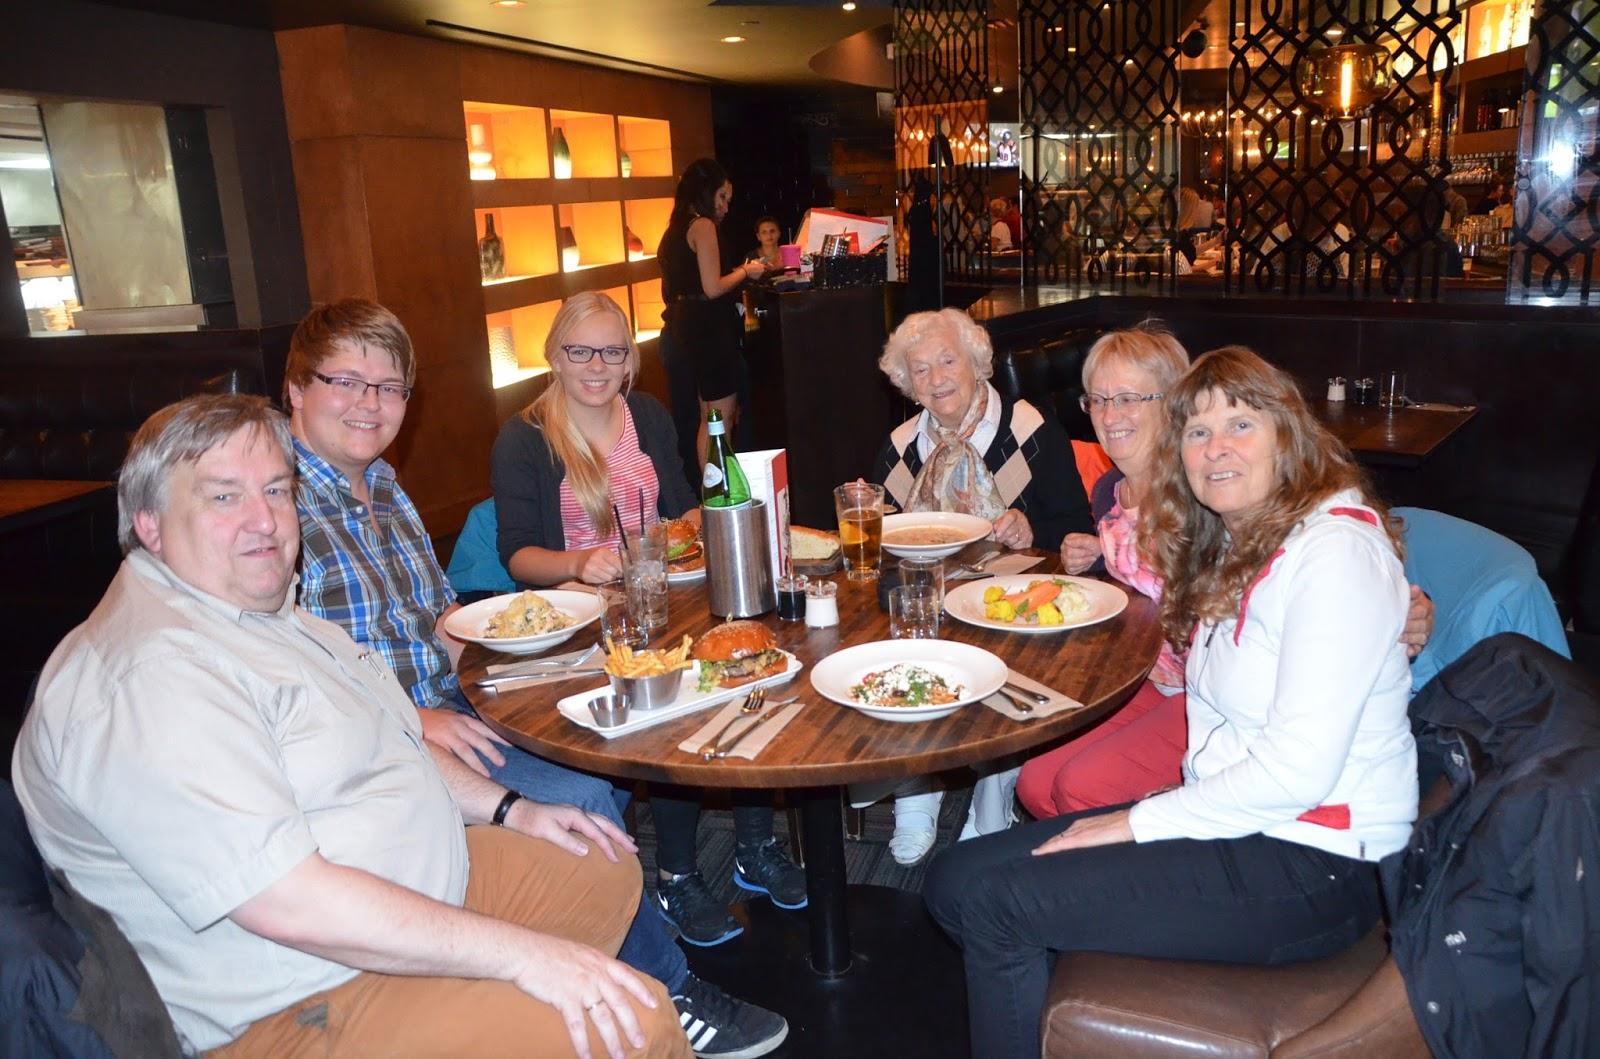 Die Kanada-Bären: Oma on Tour